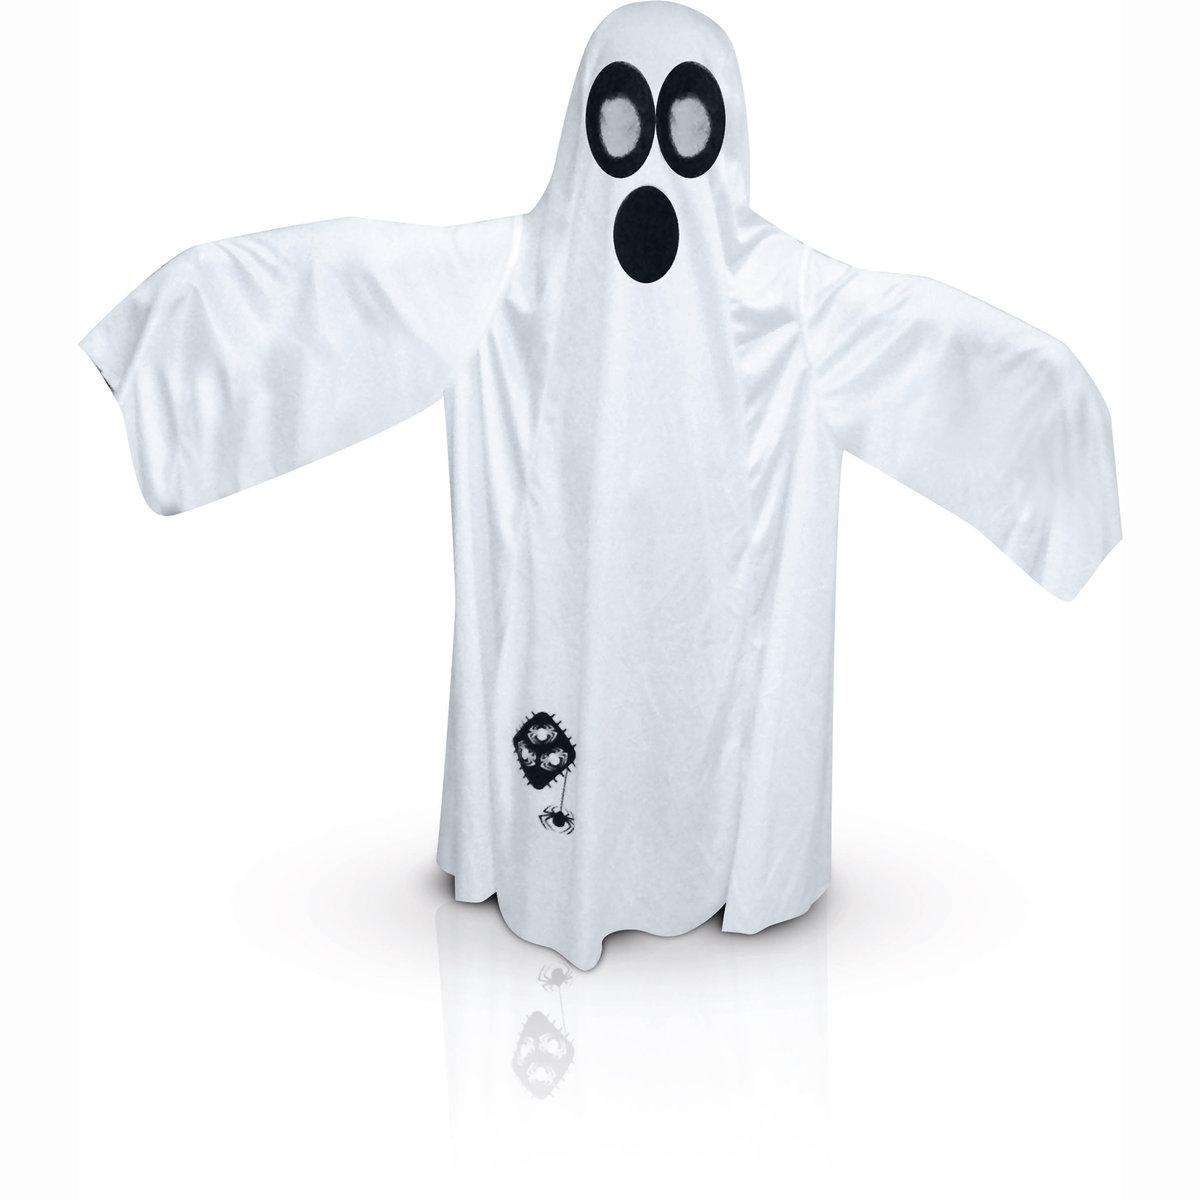 Маскарадный костюм привиденияМаскарадный костюм привидения. Маскарадный костюм привидения: белое платье, капюшон с отверстиями для глаз, маска привидения. Тюль вместо глаз. 100% полиэстера<br><br>Цвет: набивной рисунок